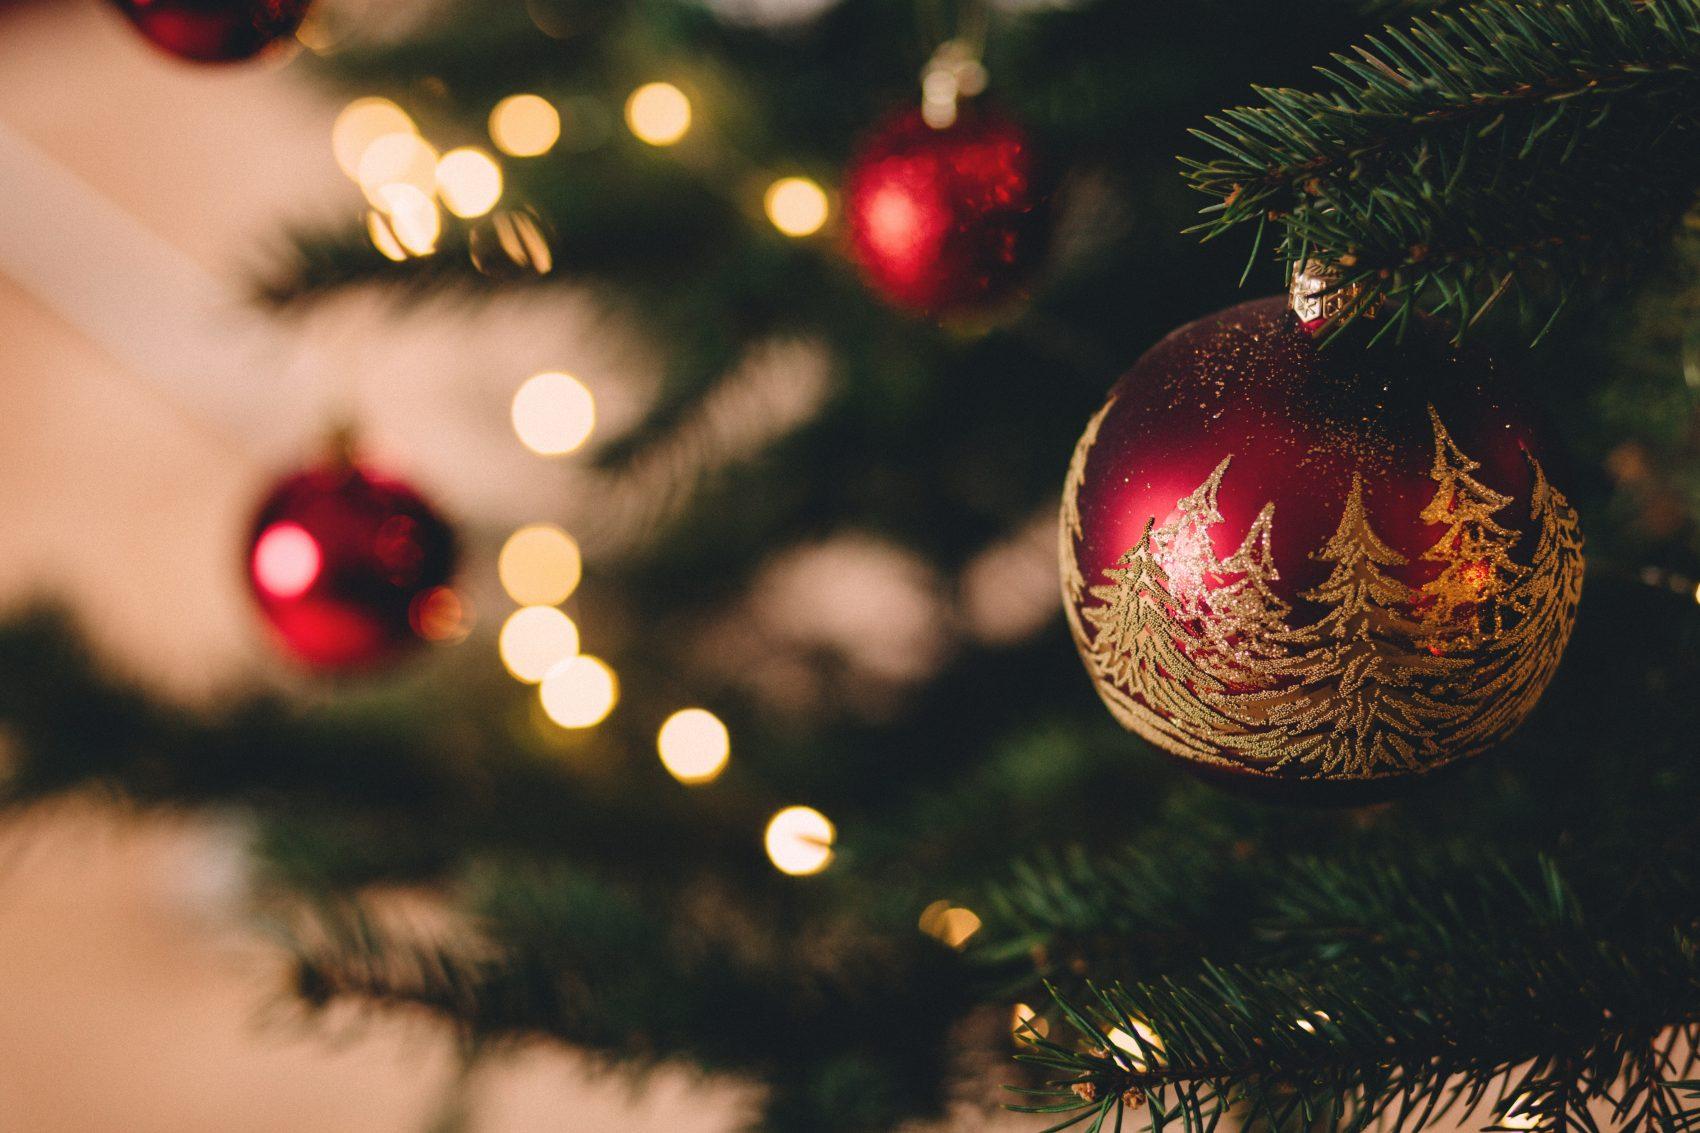 Krásné vánoční svátky a šťastný nový rok